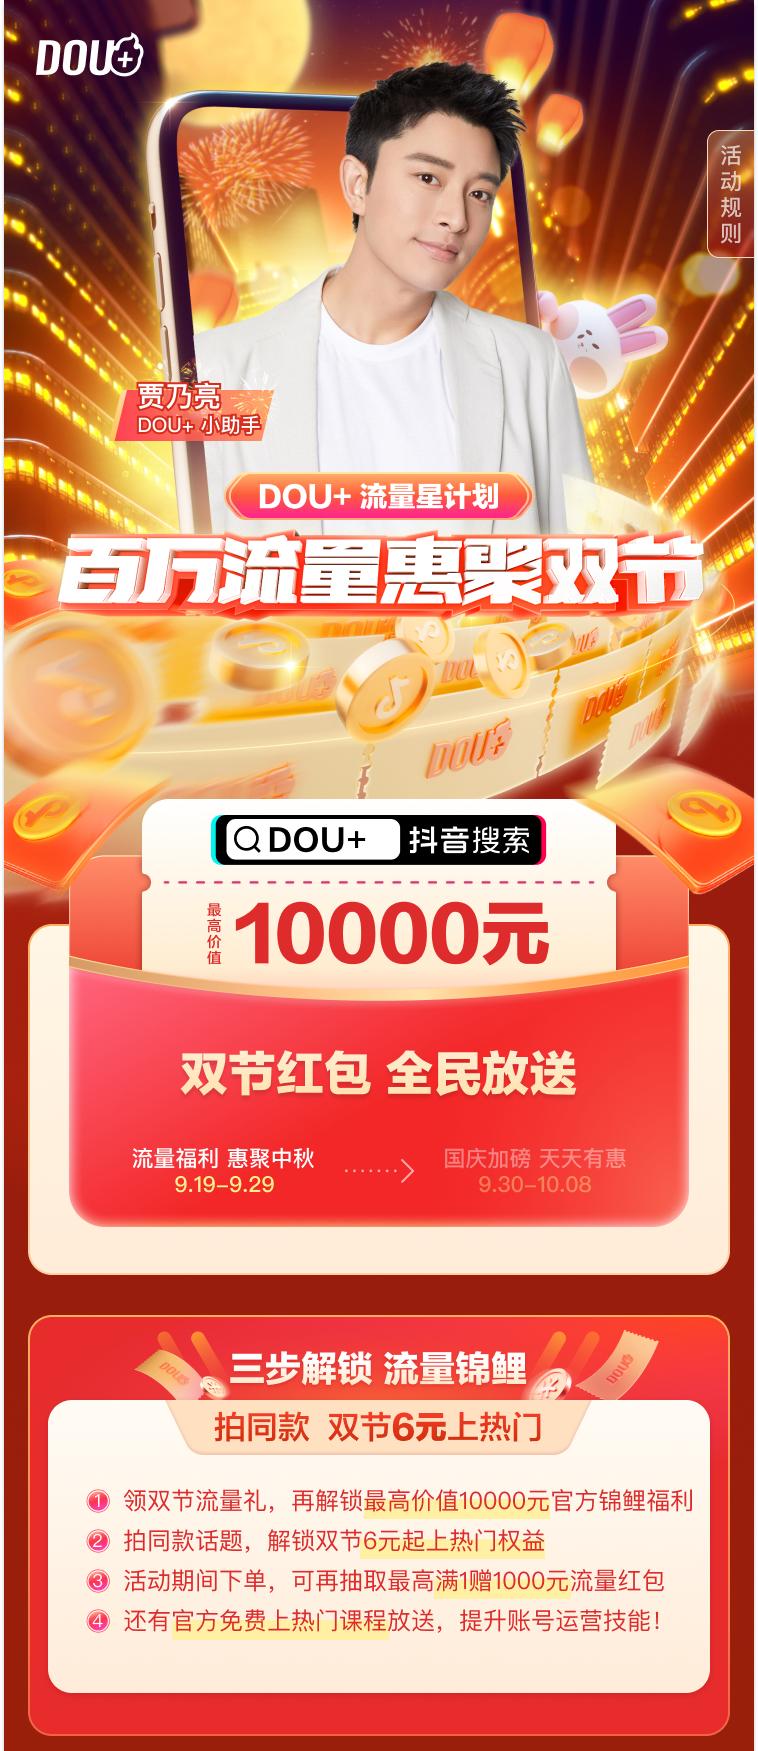 """DOU+上线""""流量星计划"""",中秋国庆双节百万流量回馈创作者"""